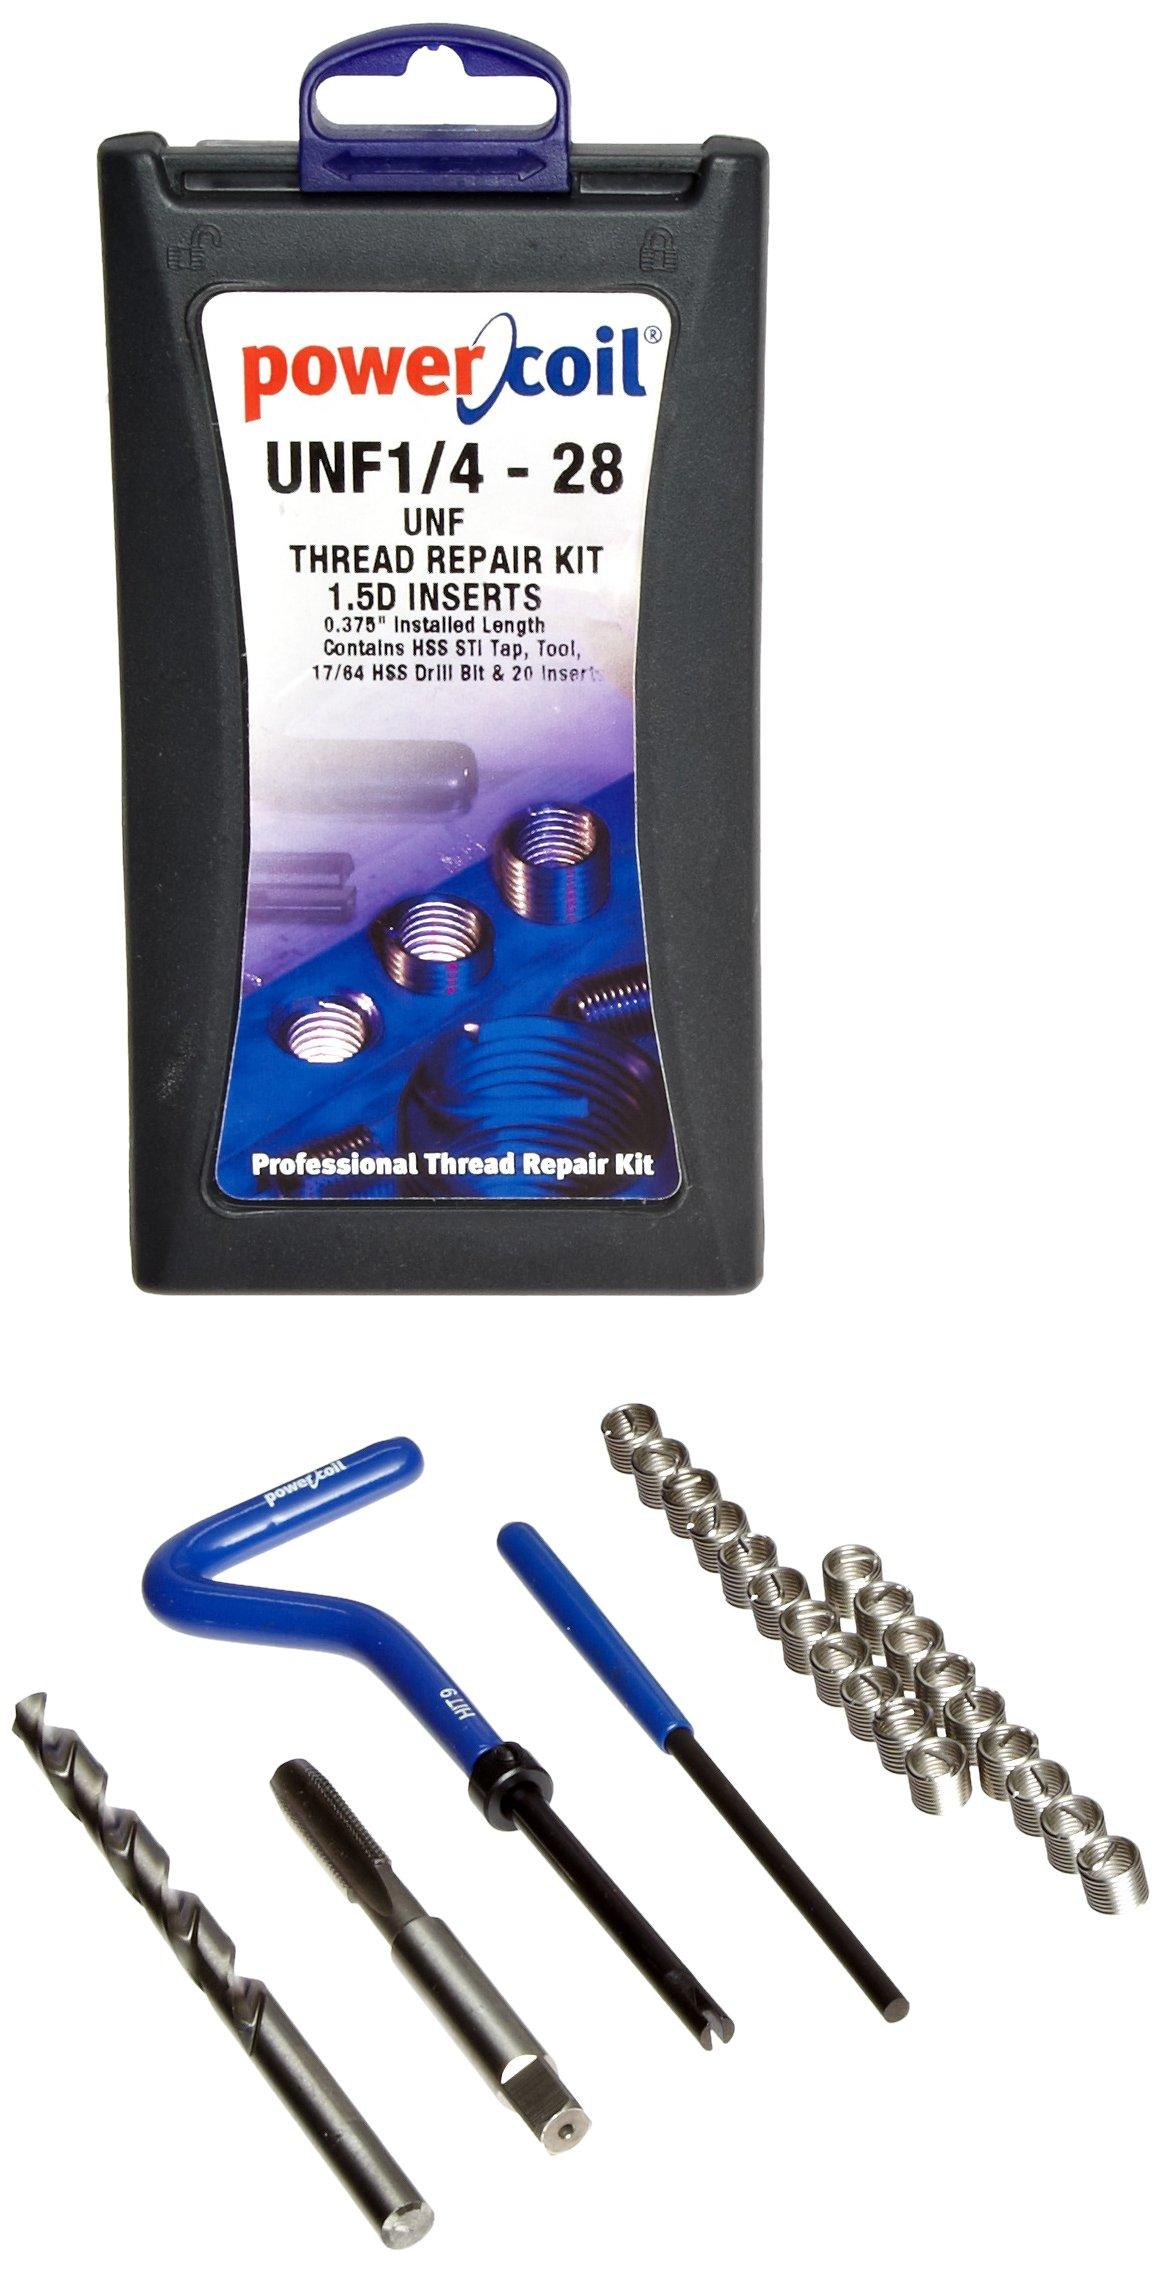 PowerCoil 3534-1/4K Free Running Coil Threaded Insert Kit, 304 Stainless Steel, 1/4''-28 Thread Size, 0.375'' Installed Length